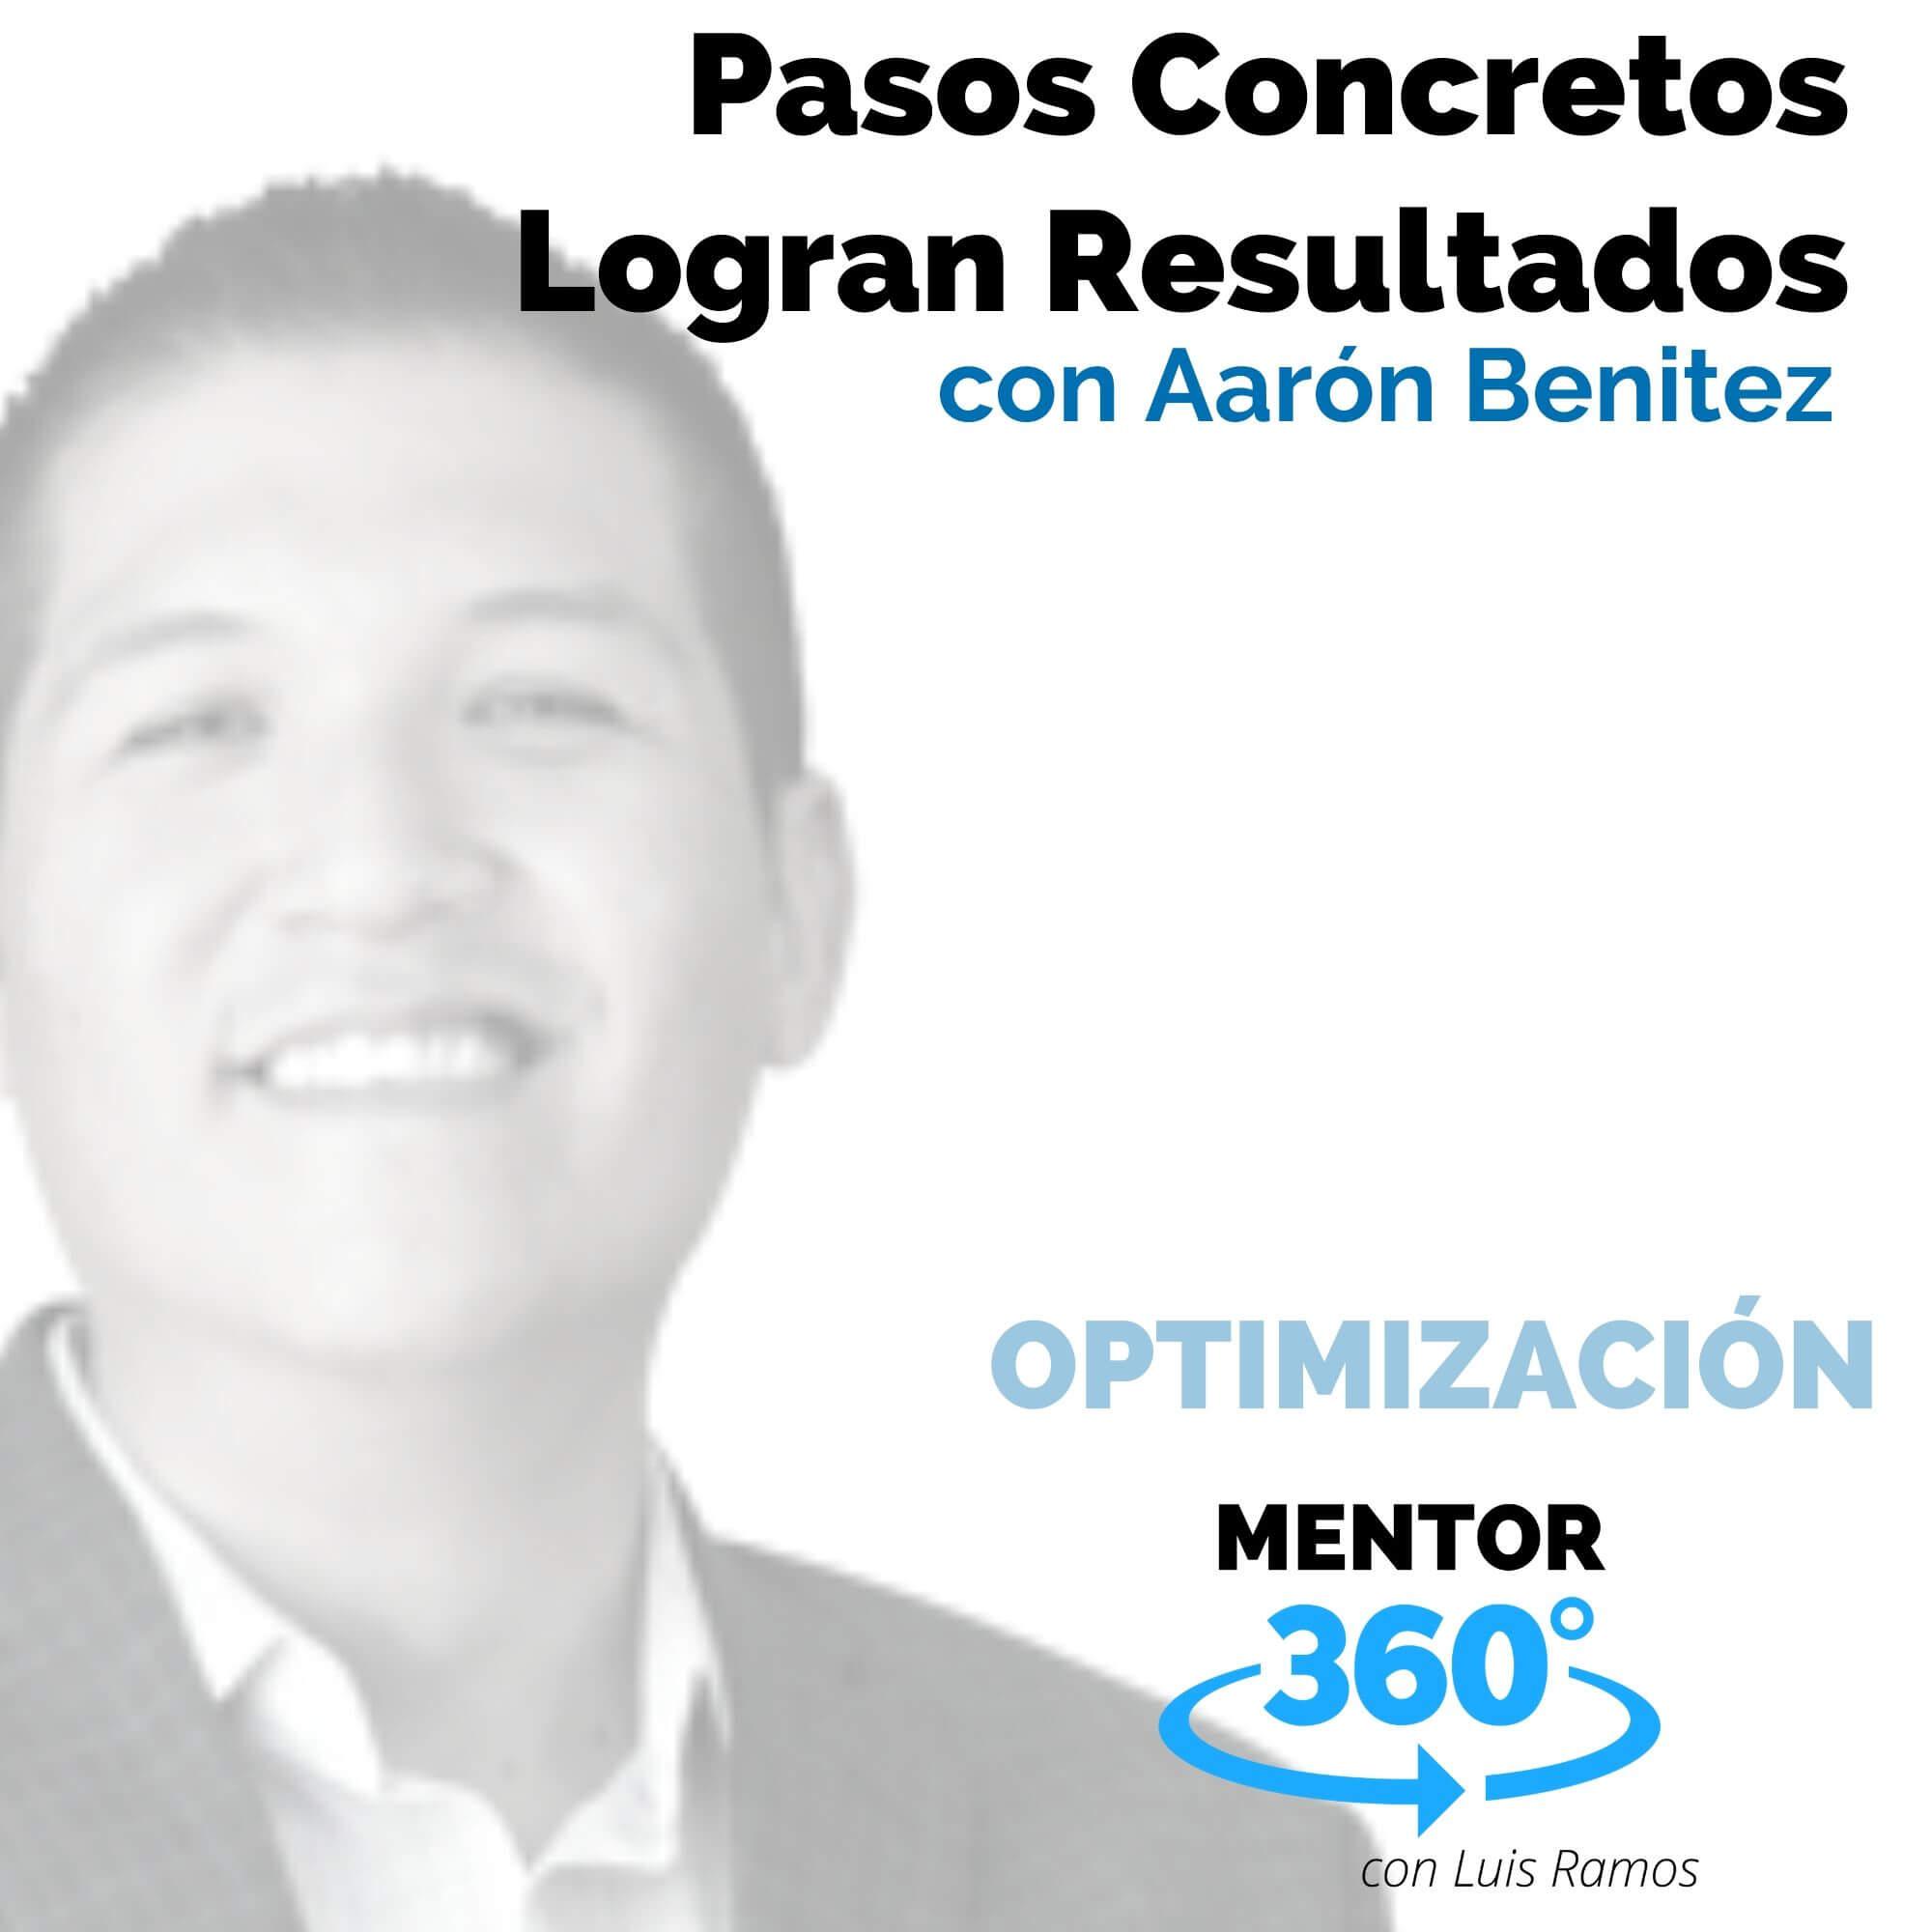 Pasos Concretos Logran Resultados, con Aarón Benítez - MENTOR360